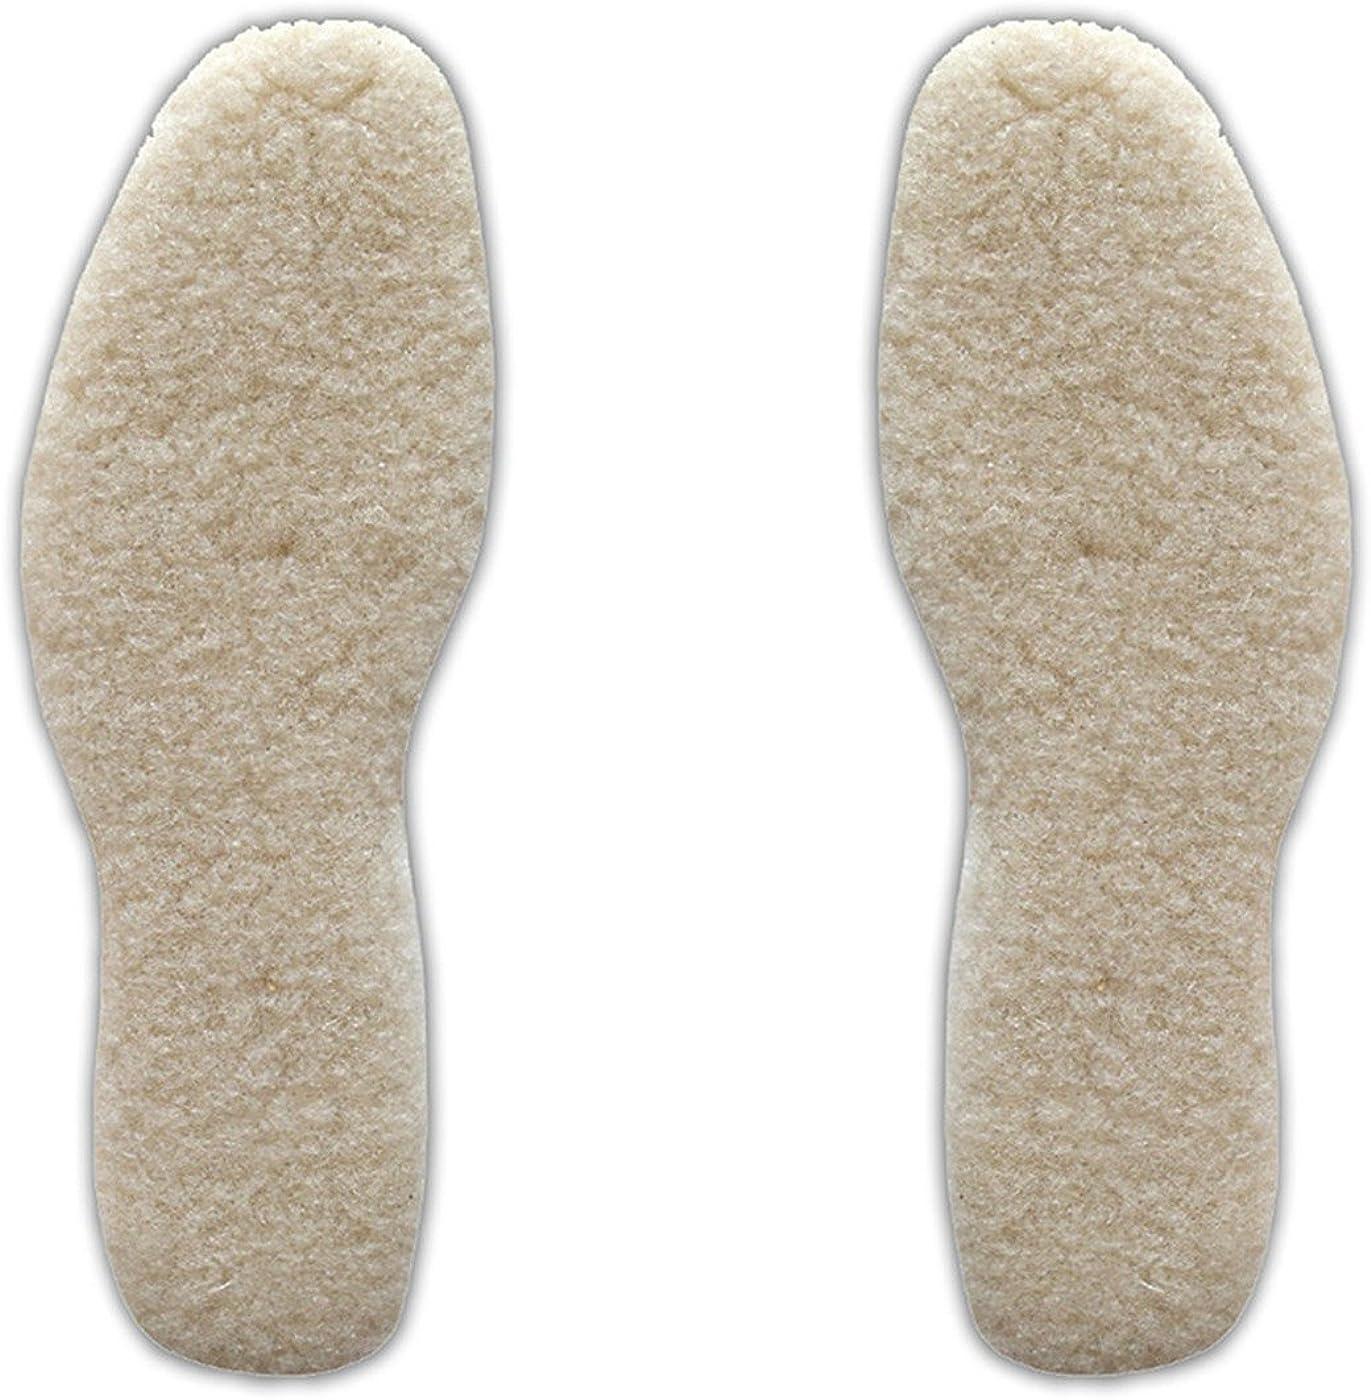 zapatillas deportivas transpirables Lasamot Plantillas c/álidas de invierno plantillas t/érmicas de lana con calefacci/ón para hombre mujer inserto de almohadilla botas